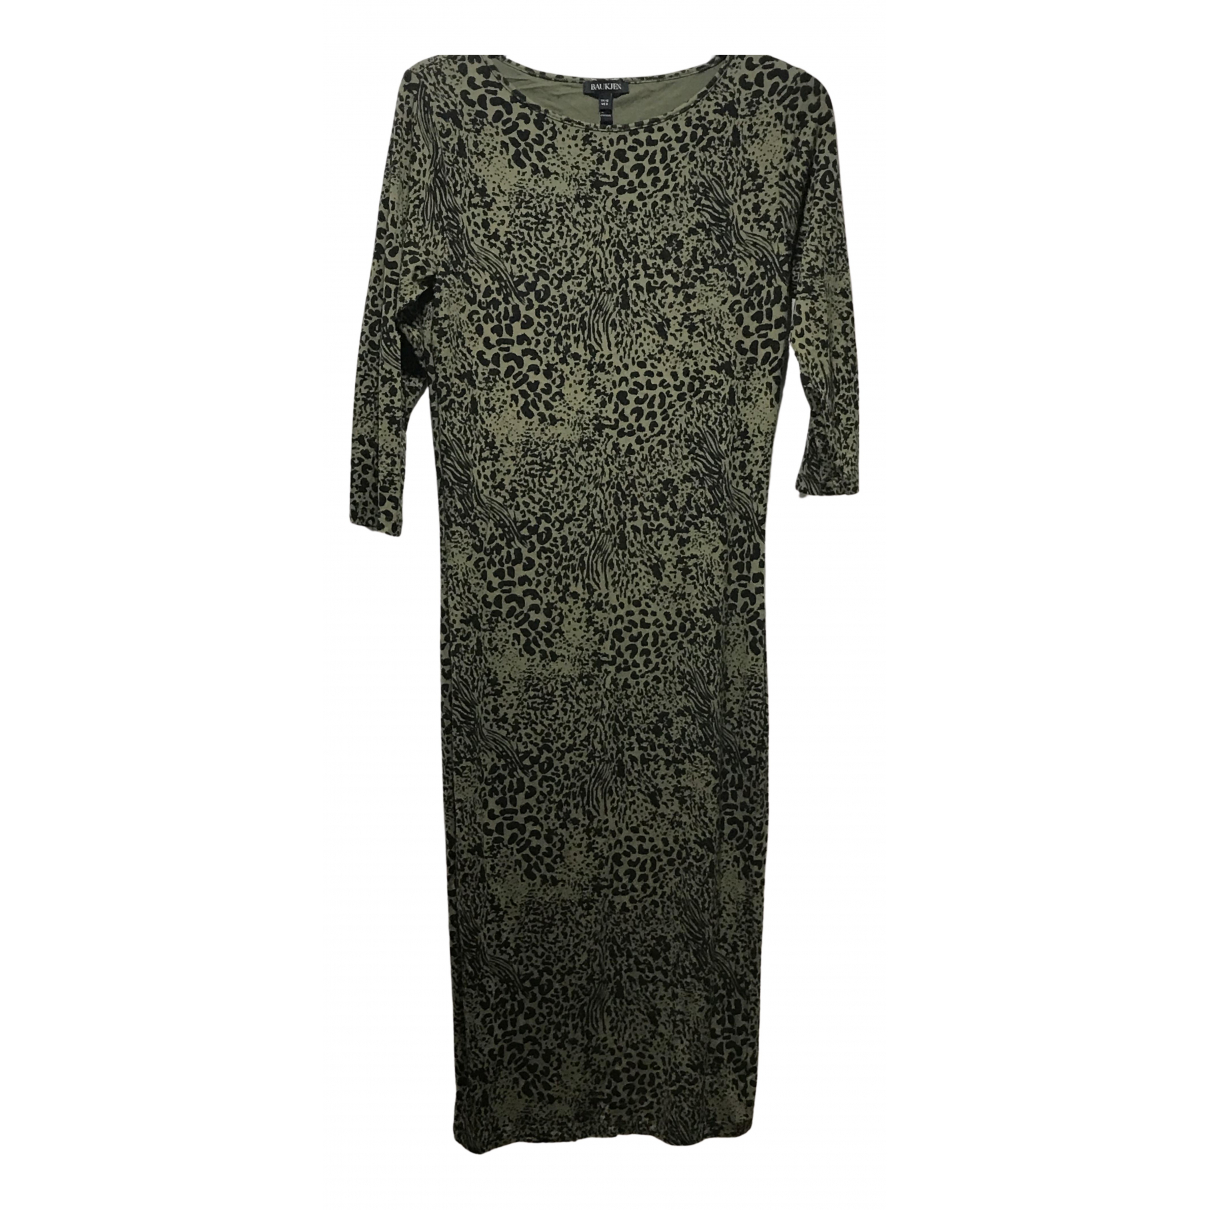 Baukjen \N Kleid in  Khaki Viskose